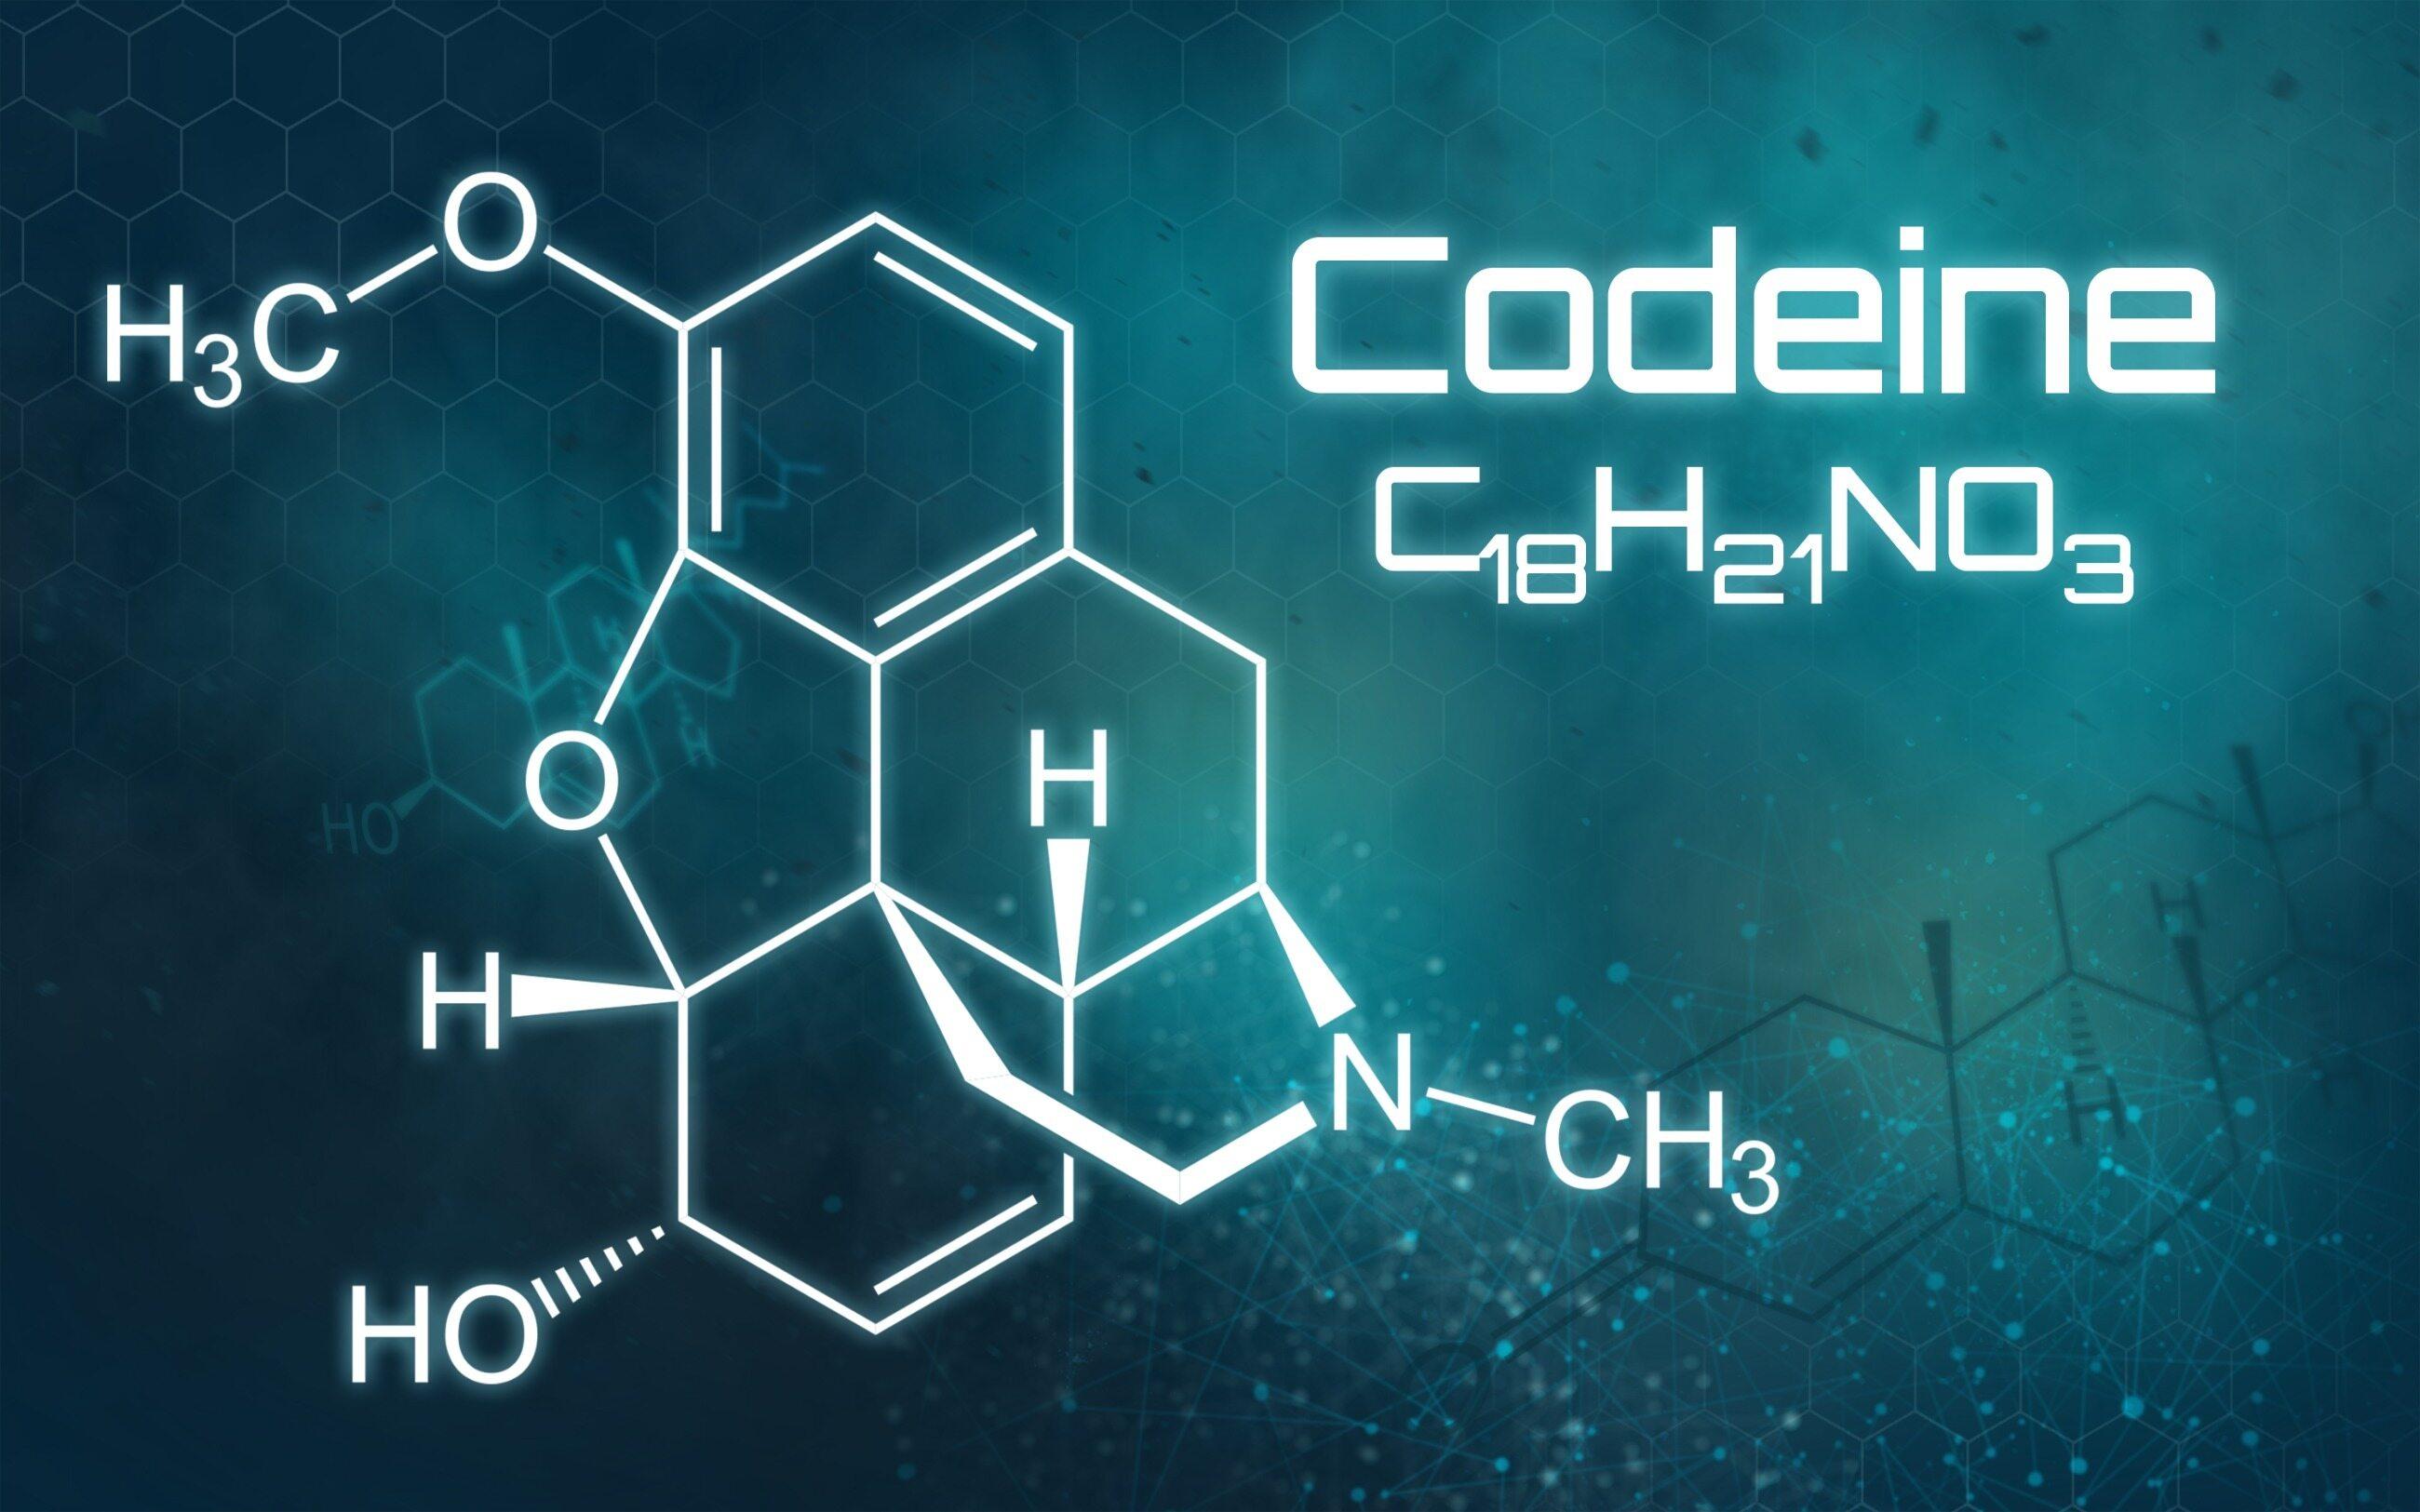 Wzór chemiczny kodeiny